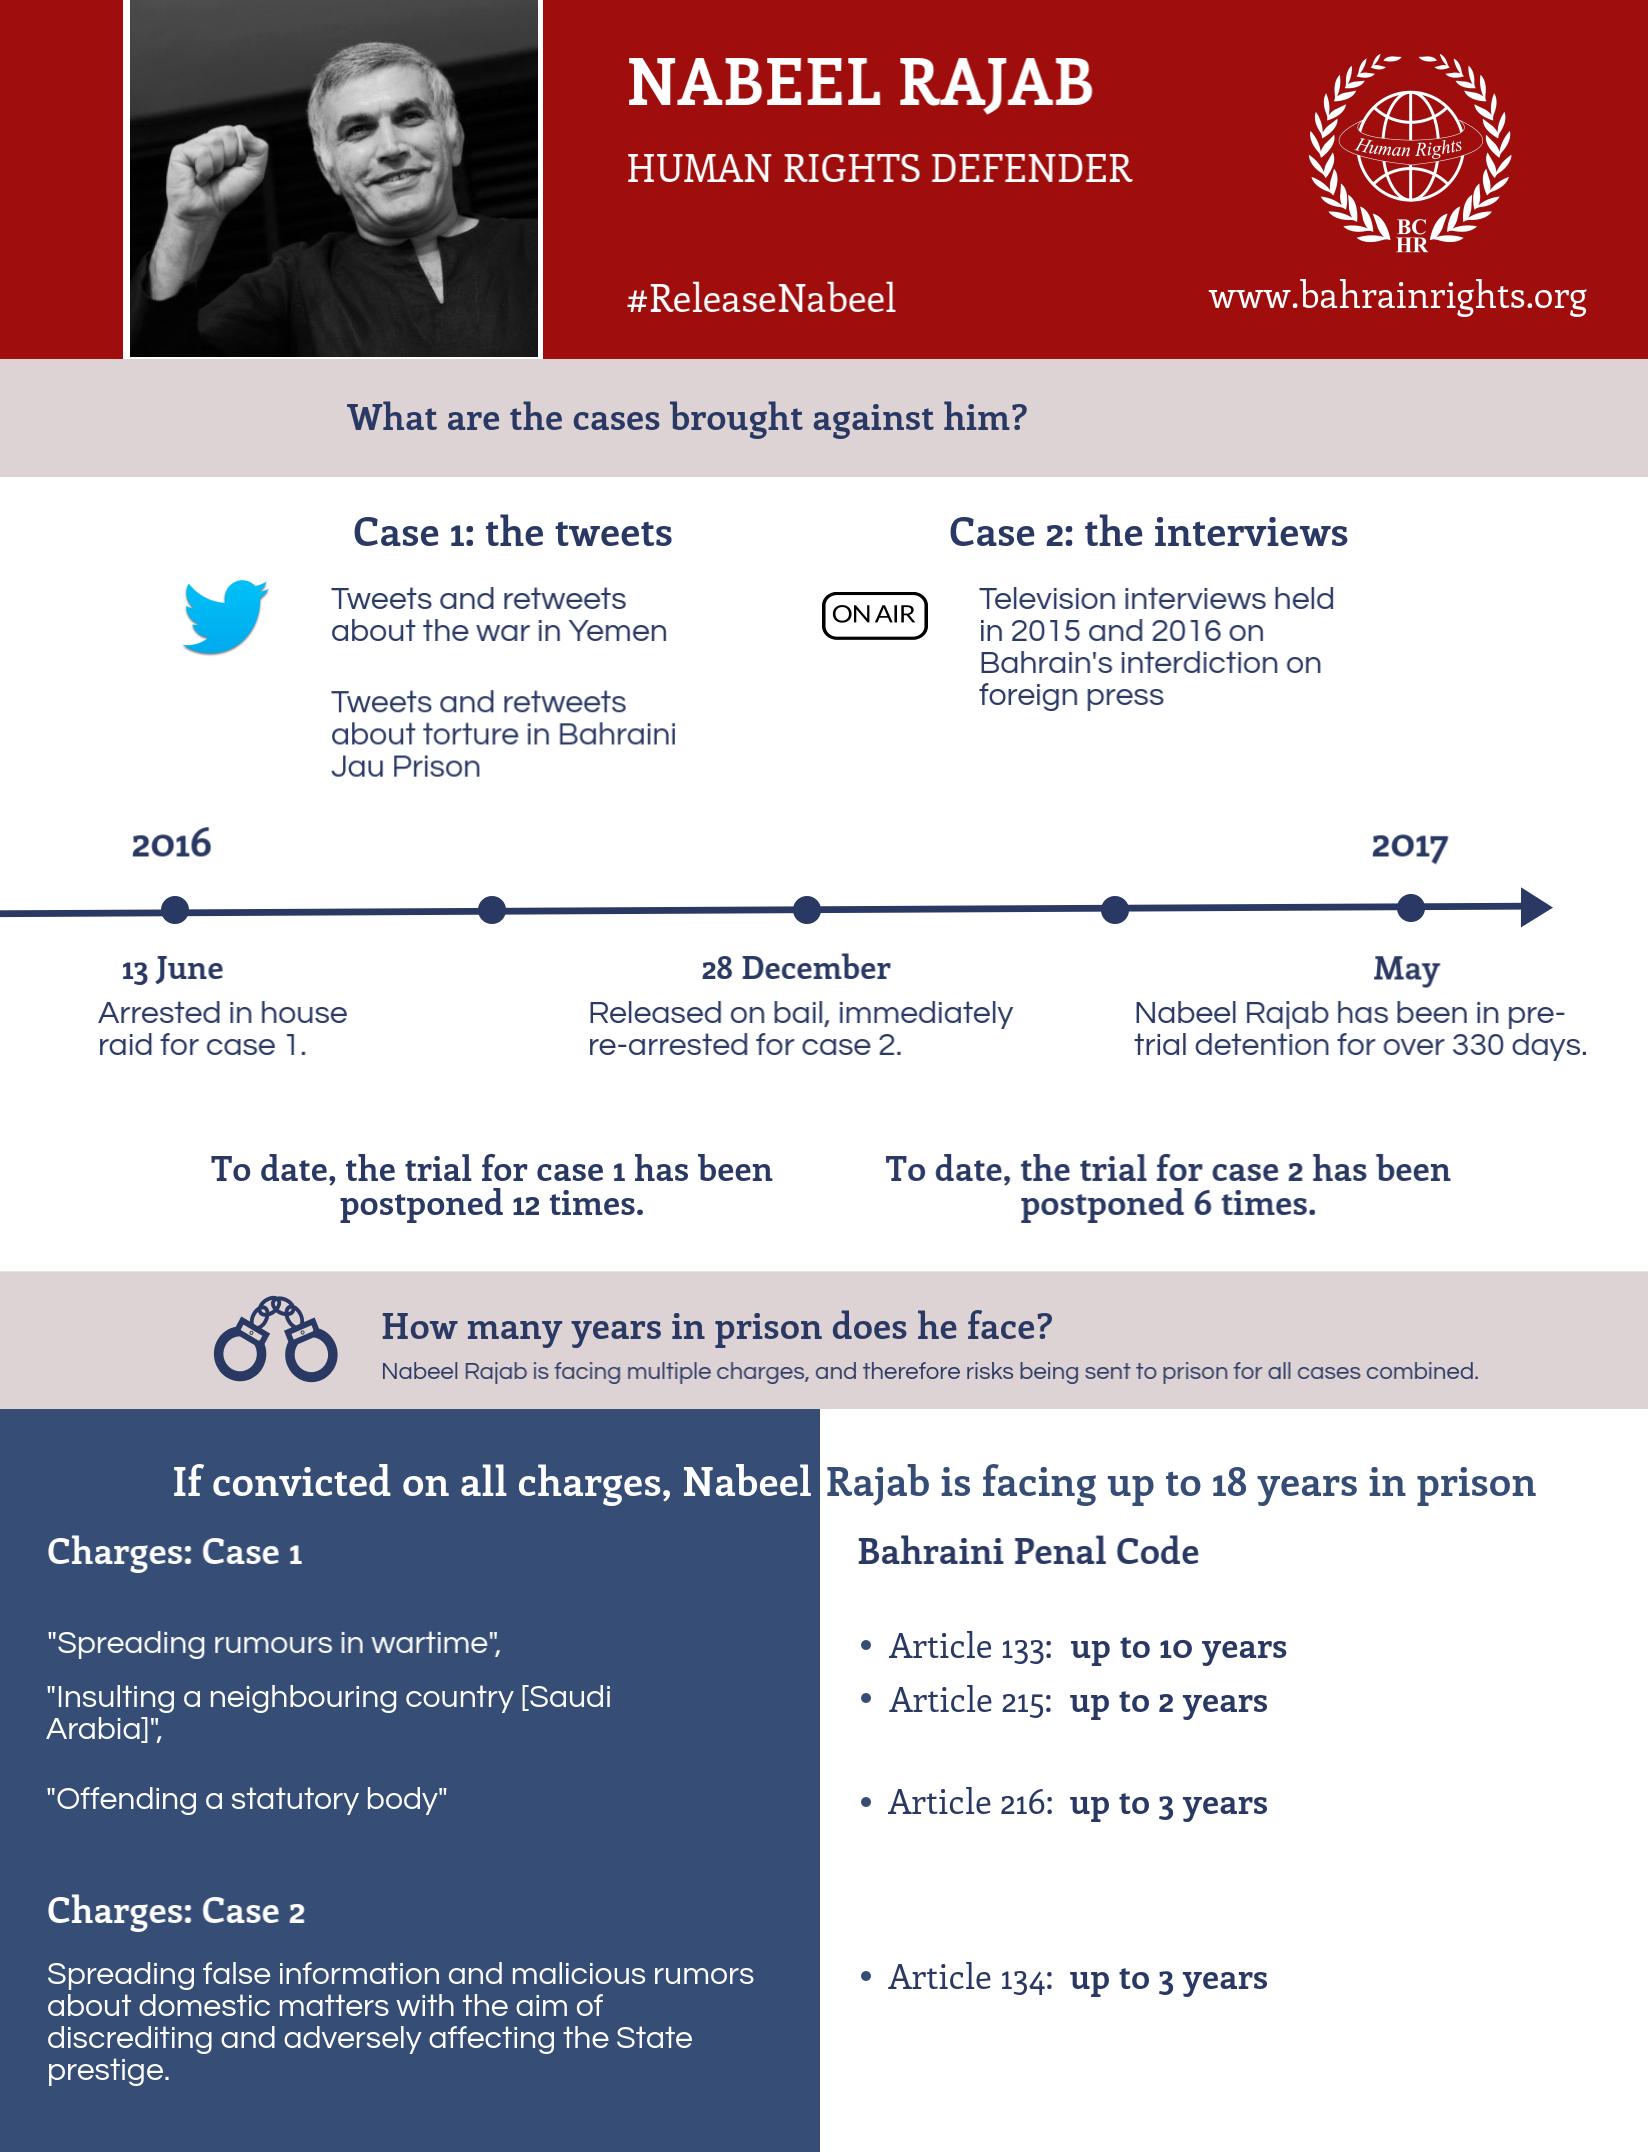 Nabeel Rajab's cases 2017